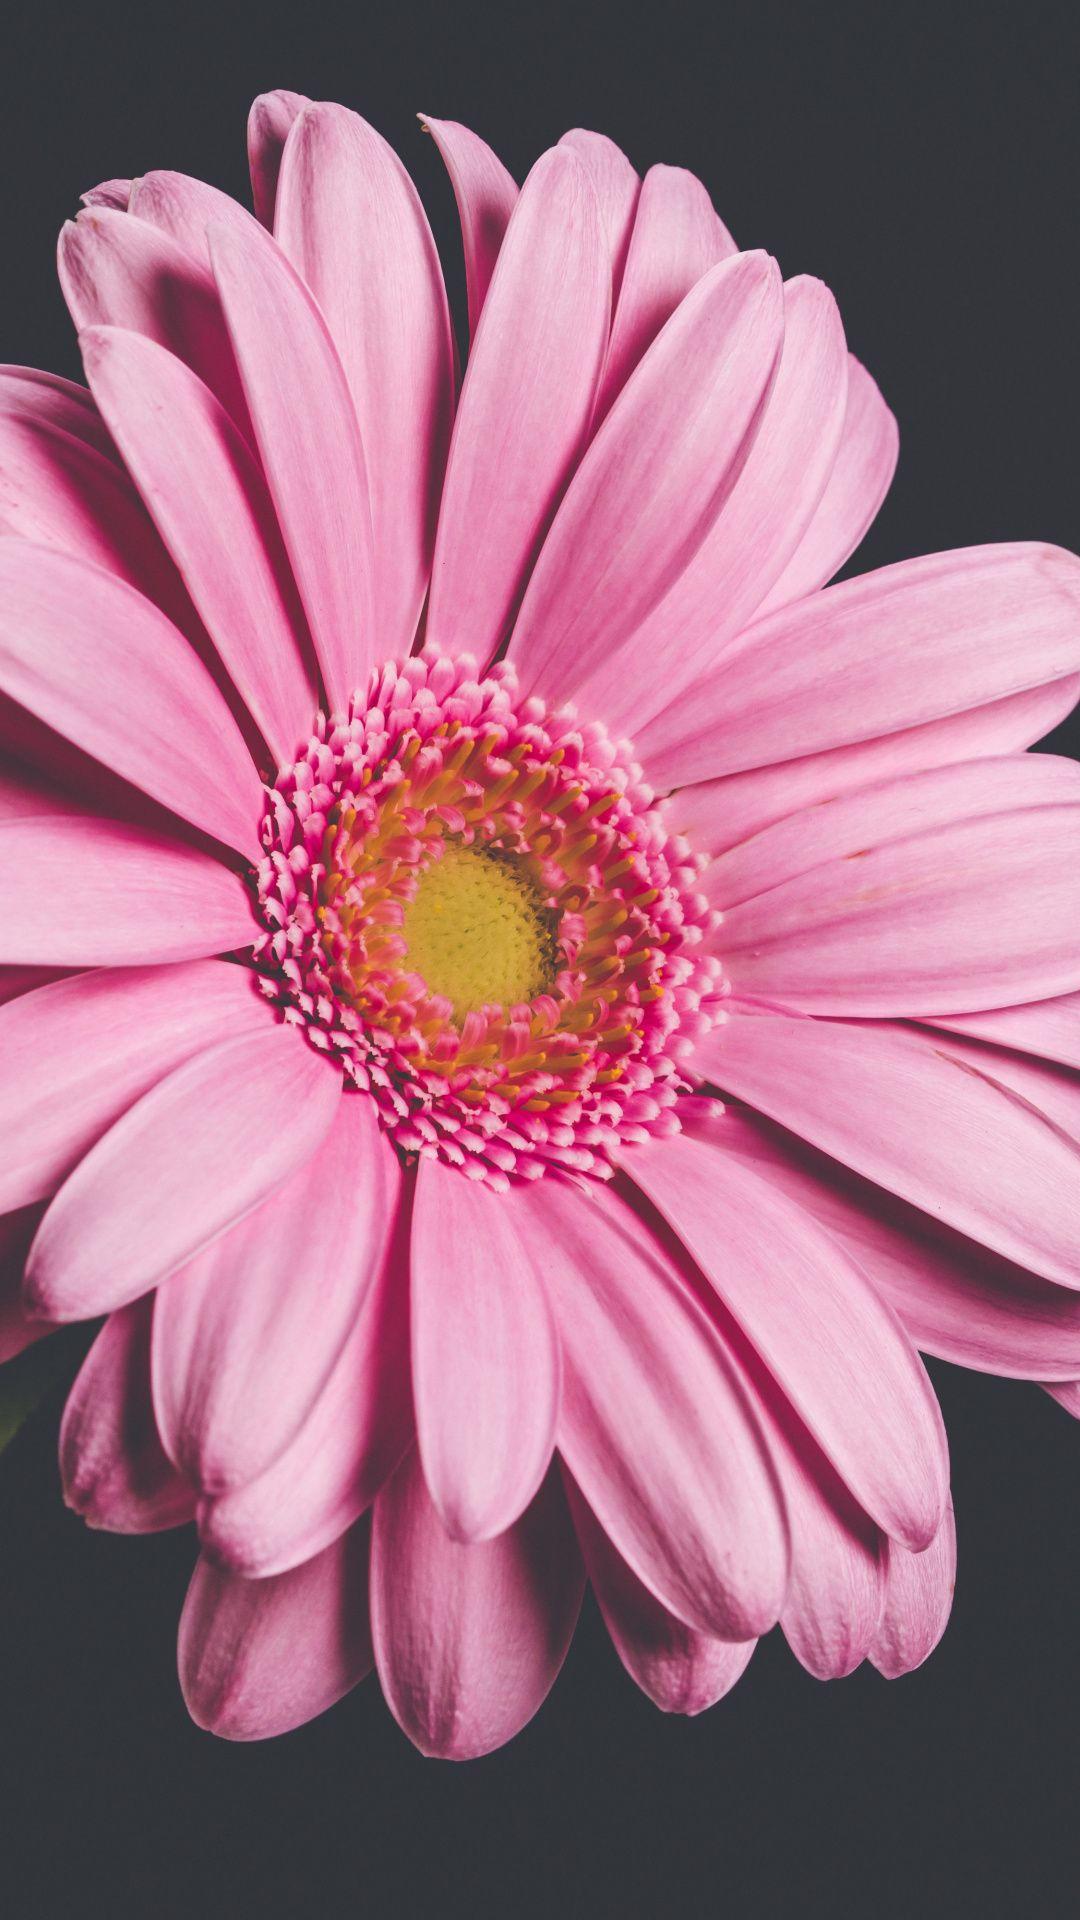 1080x1920 Pink Gerbera Flower Close Up Wallpaper Pink Gerbera Gerbera Flower Close Up